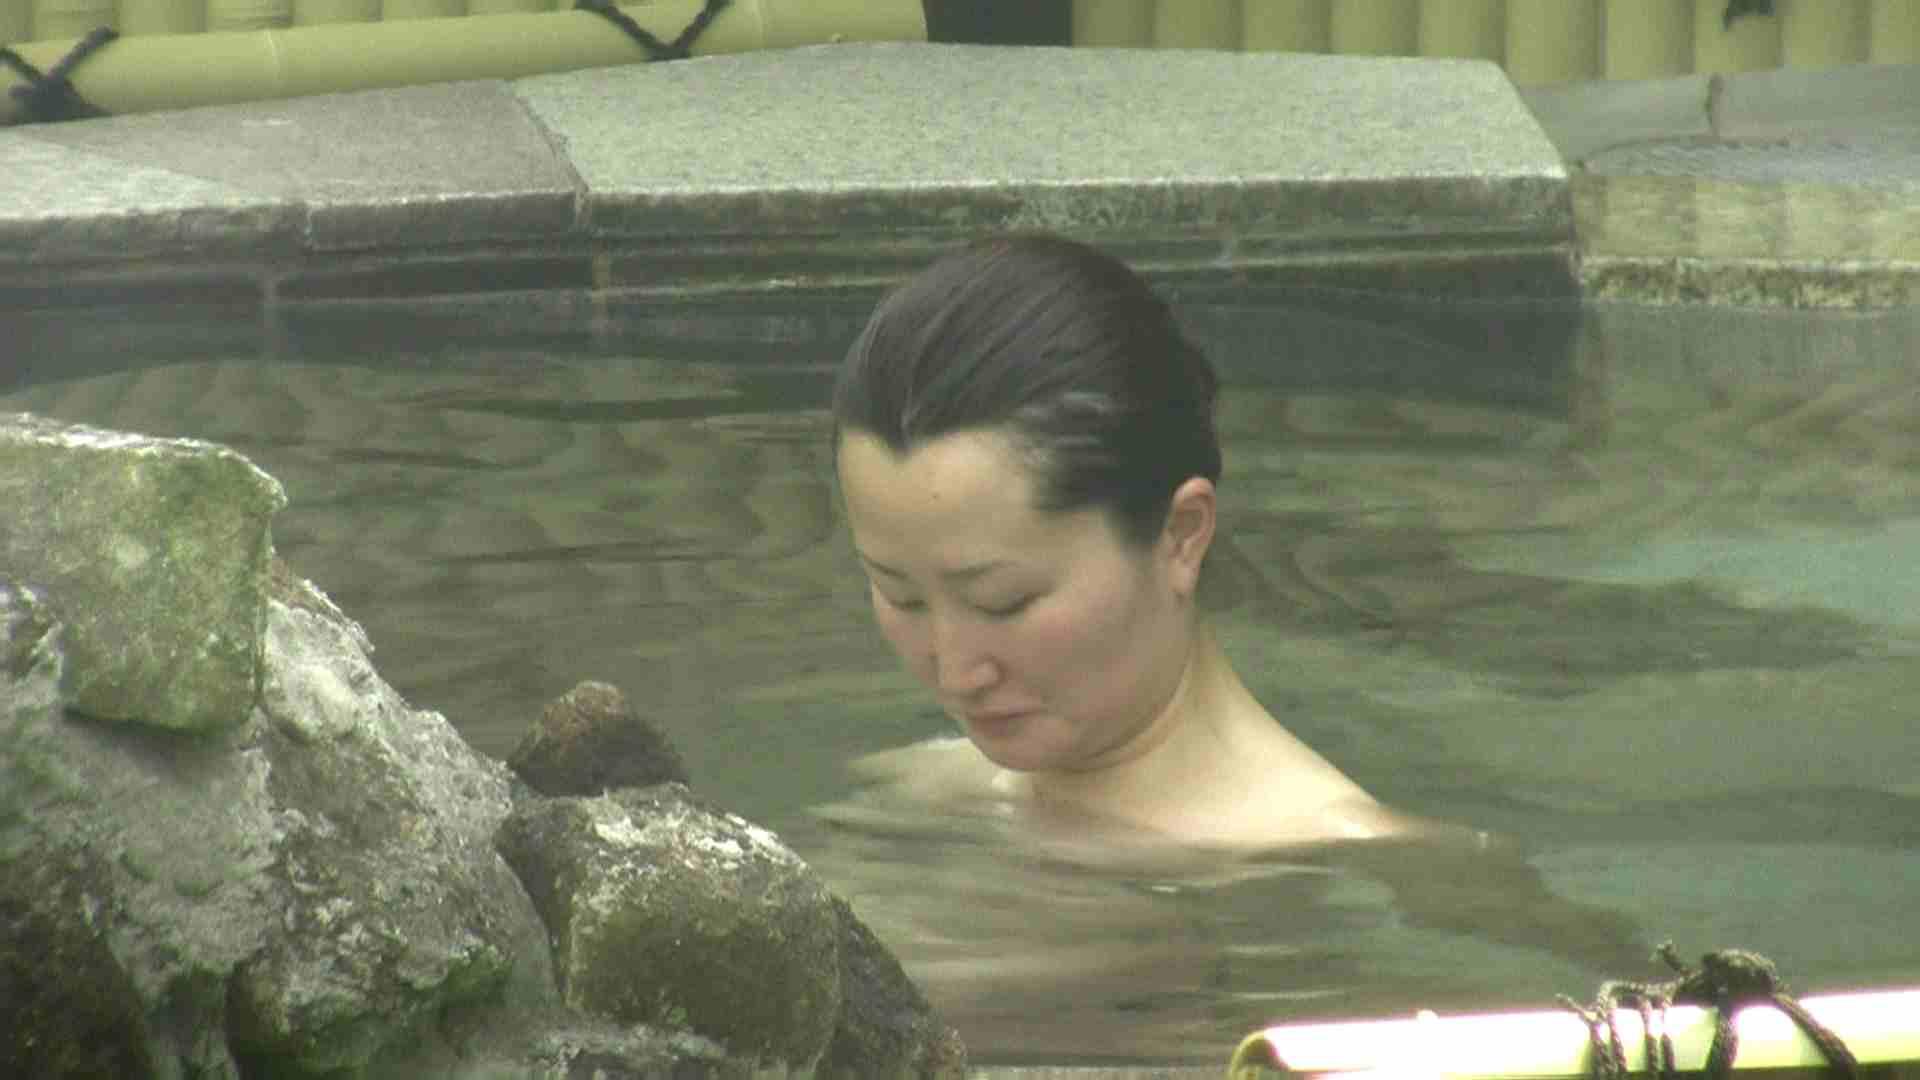 Aquaな露天風呂Vol.632 OL女体 のぞき動画画像 75連発 35